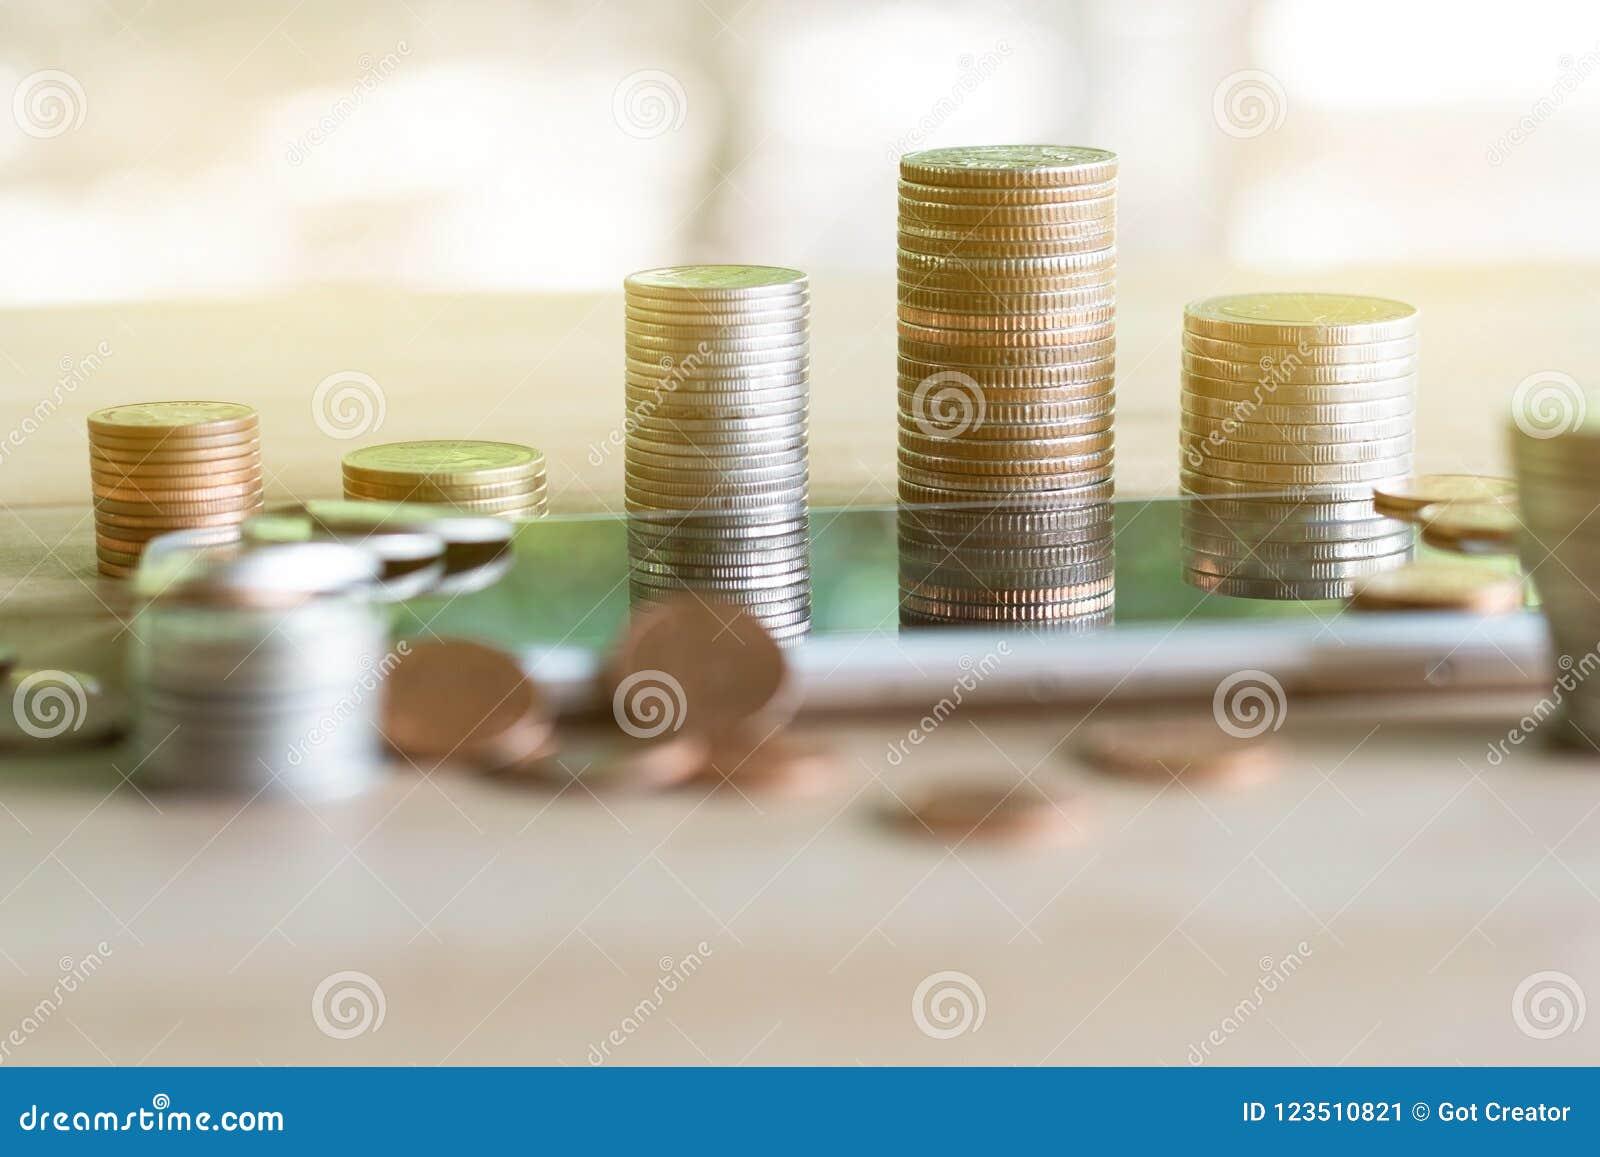 Muntstukkenstapel muntstukken die geld en inkomens of investeringsideeën en financieel beheer voor de toekomst bewaren